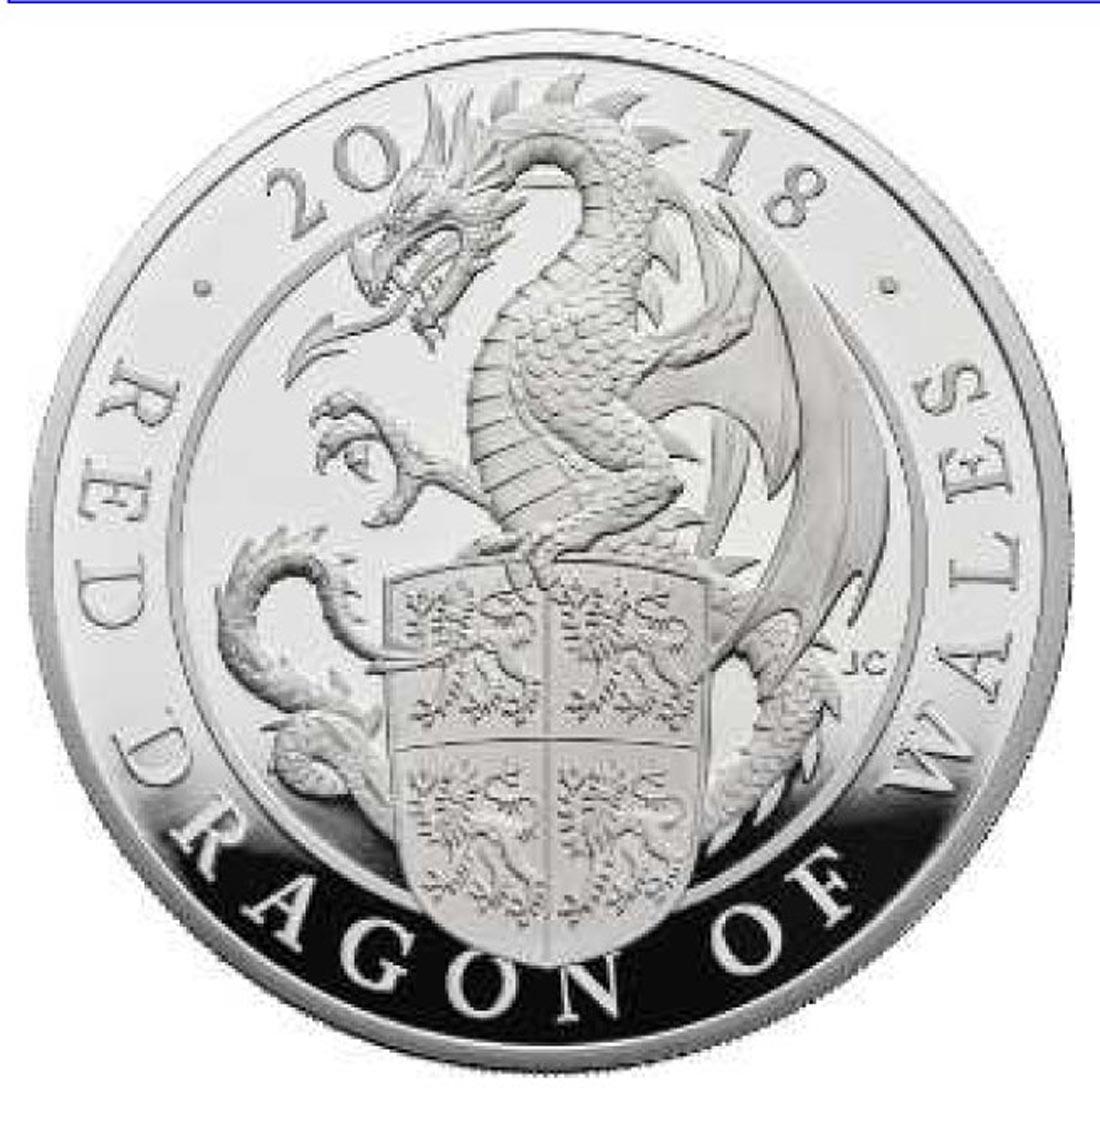 Übersicht:Großbritannien : 2 Pfund The Queen's Beasts Der rote Drache von Wales  2018 PP